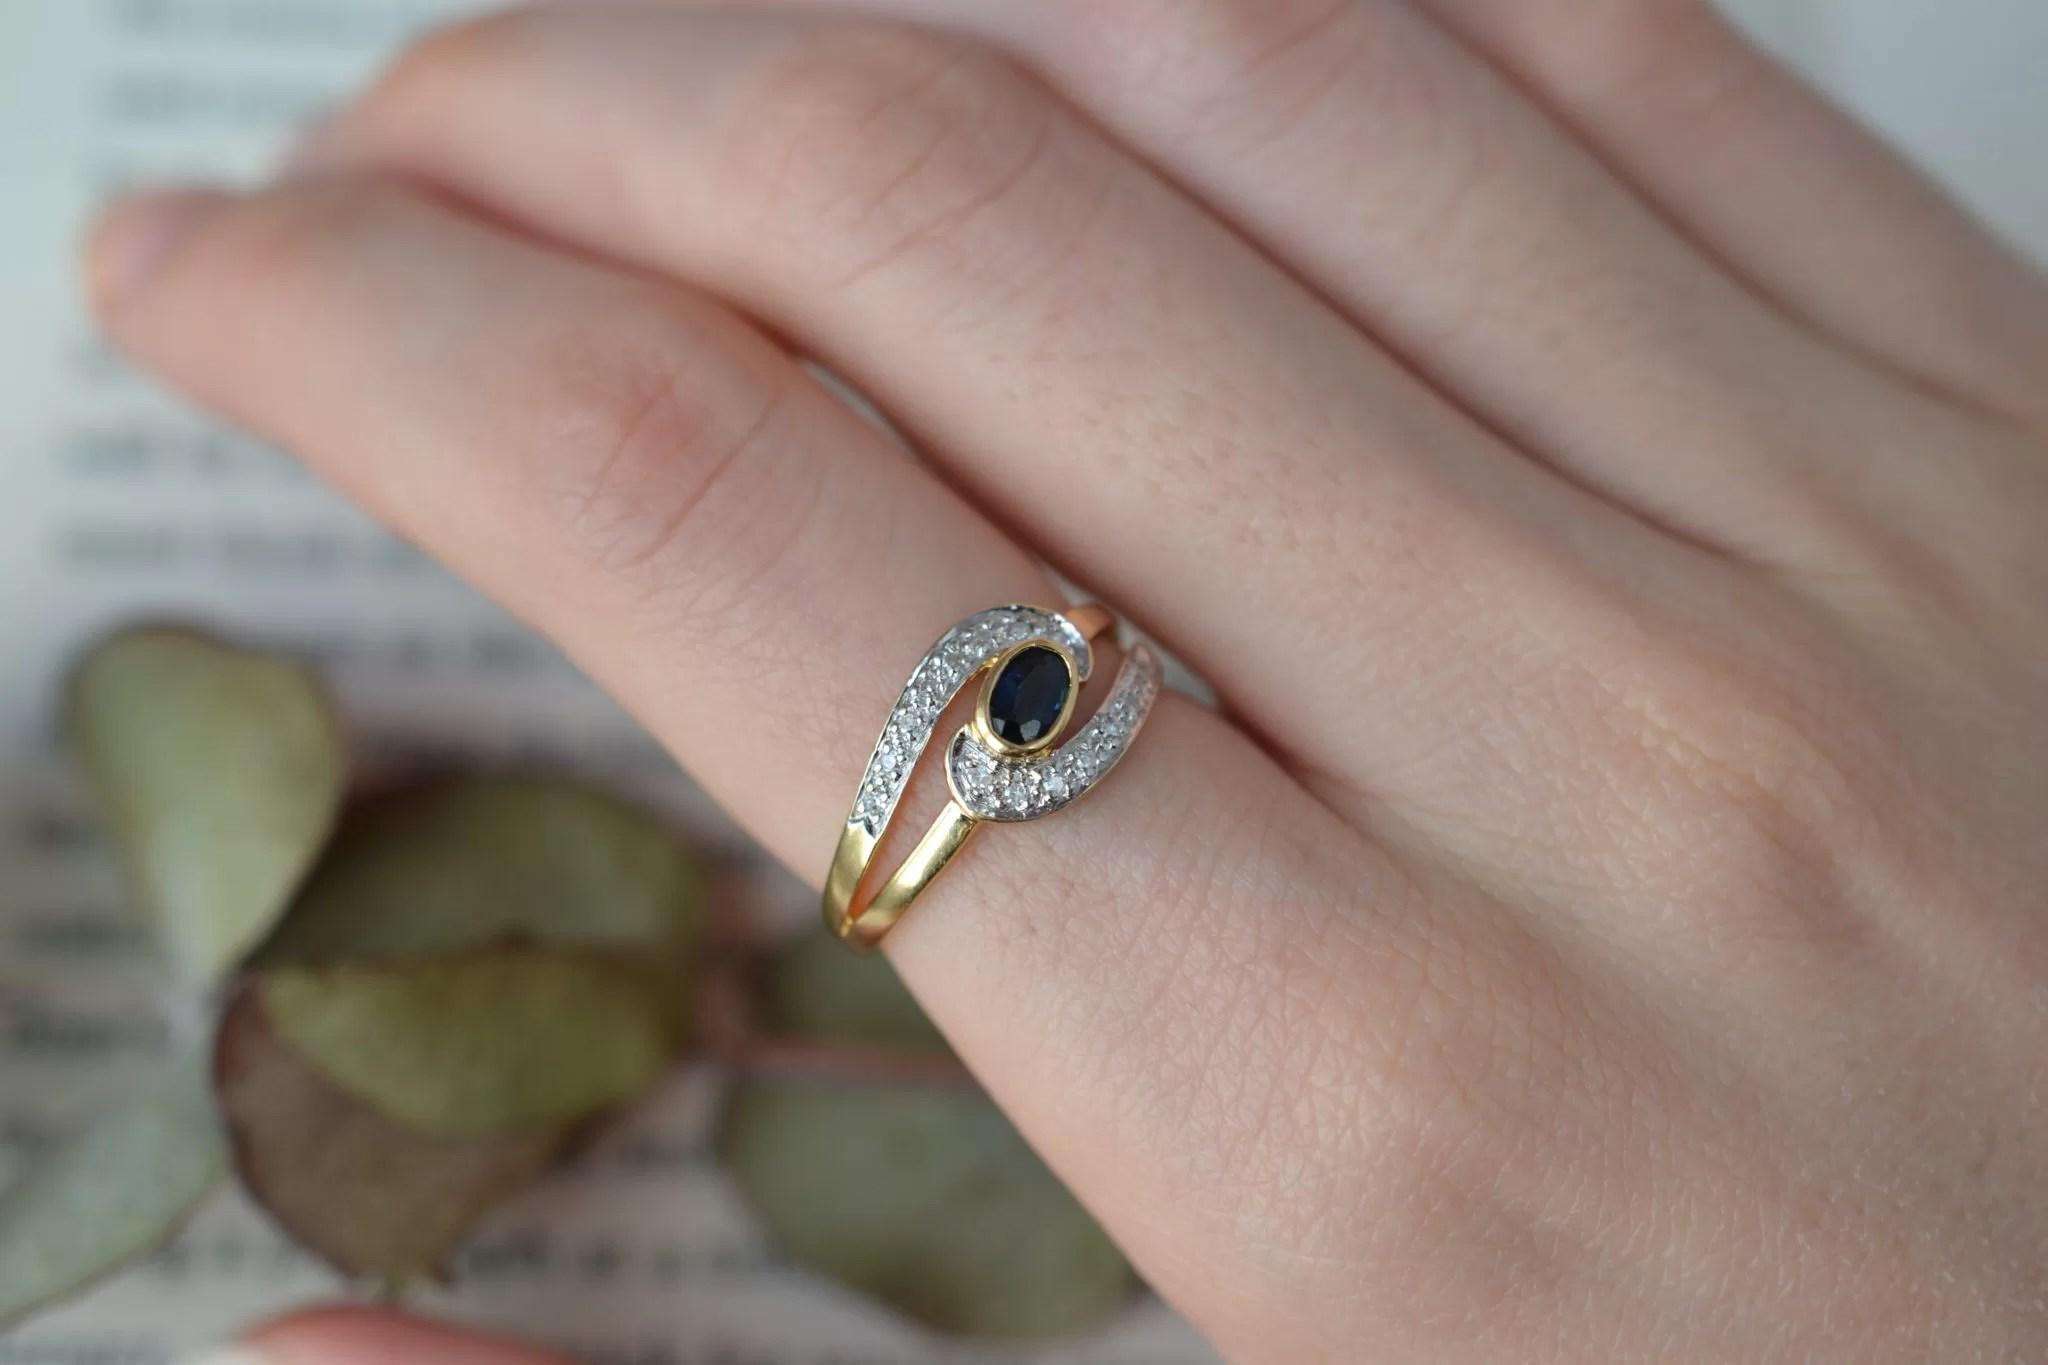 Bague en Or jaune ornée d_un Saphir sur un motif courbé en Or blanc serti de diamants - bague de seconde main